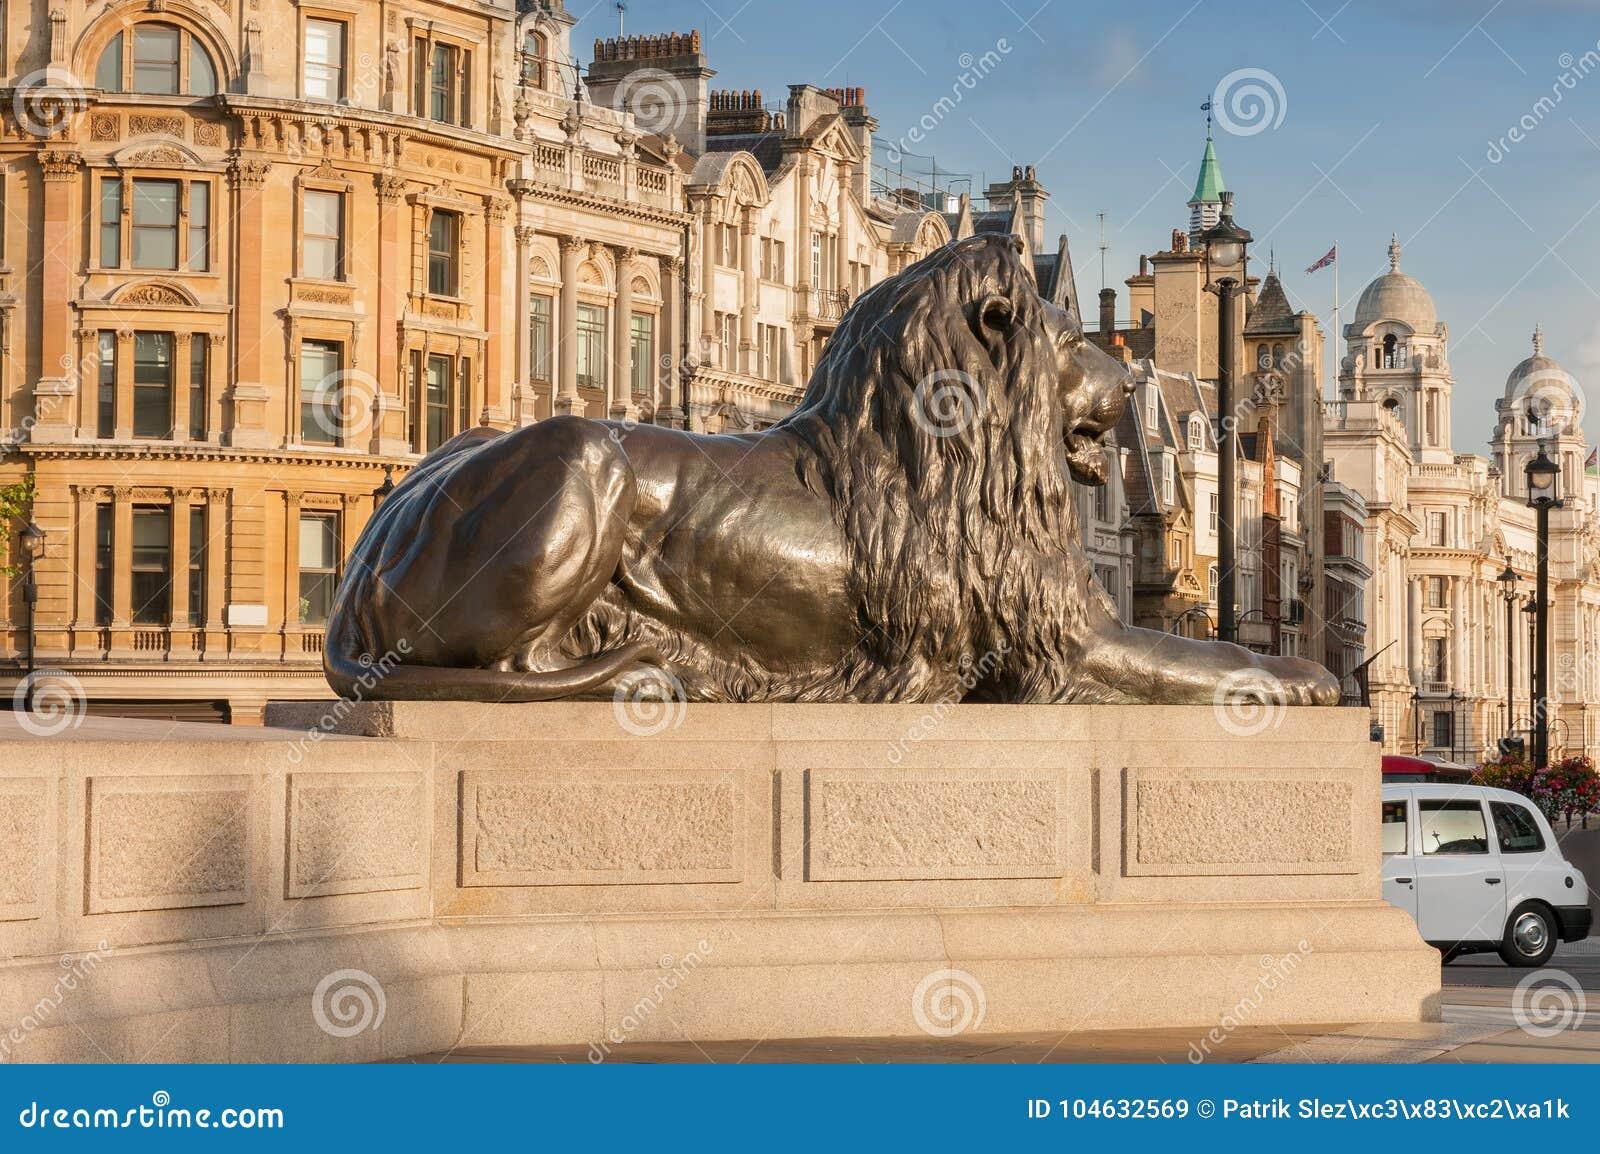 Download Standbeeld Van Leeuw In Gouden Licht Op Trafalgar Square In Londen, Uni Redactionele Stock Afbeelding - Afbeelding bestaande uit openlucht, stad: 104632569